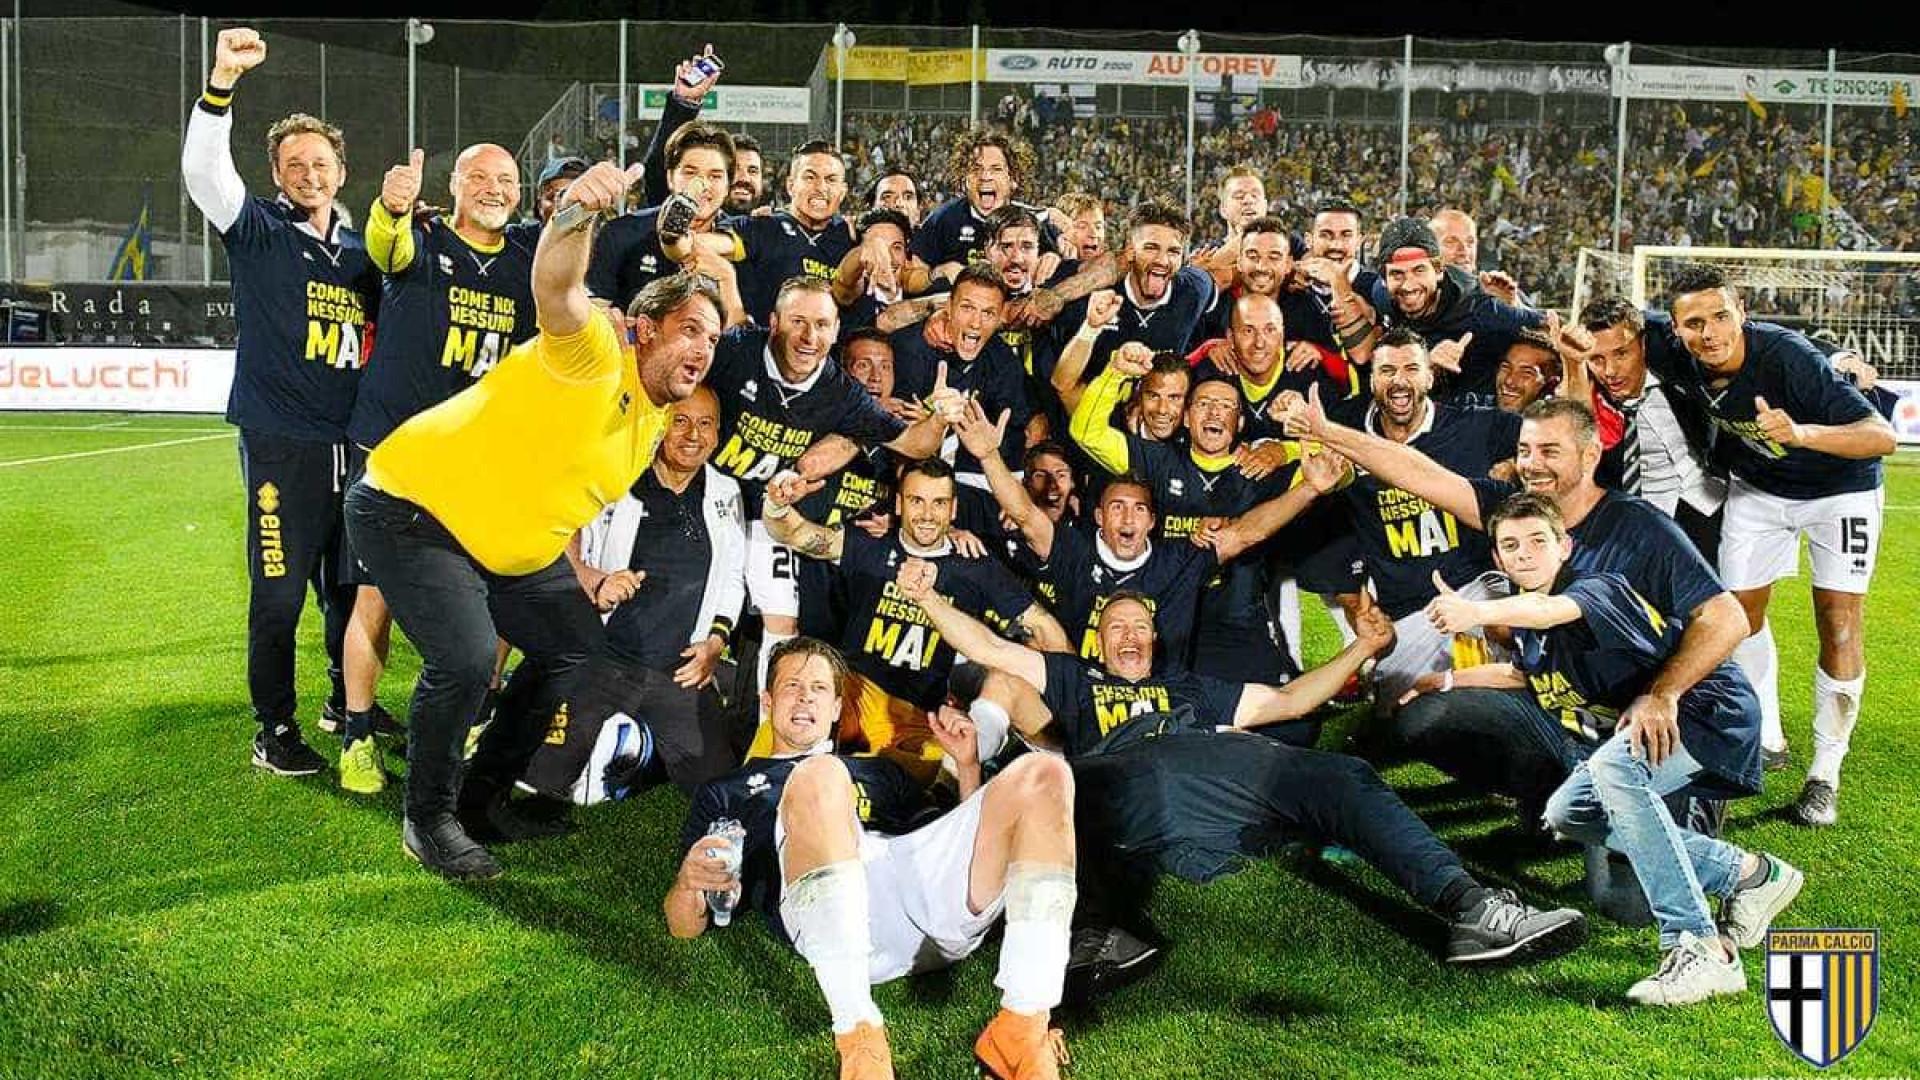 Parma garante terceiro acesso seguido e volta à elite italiana